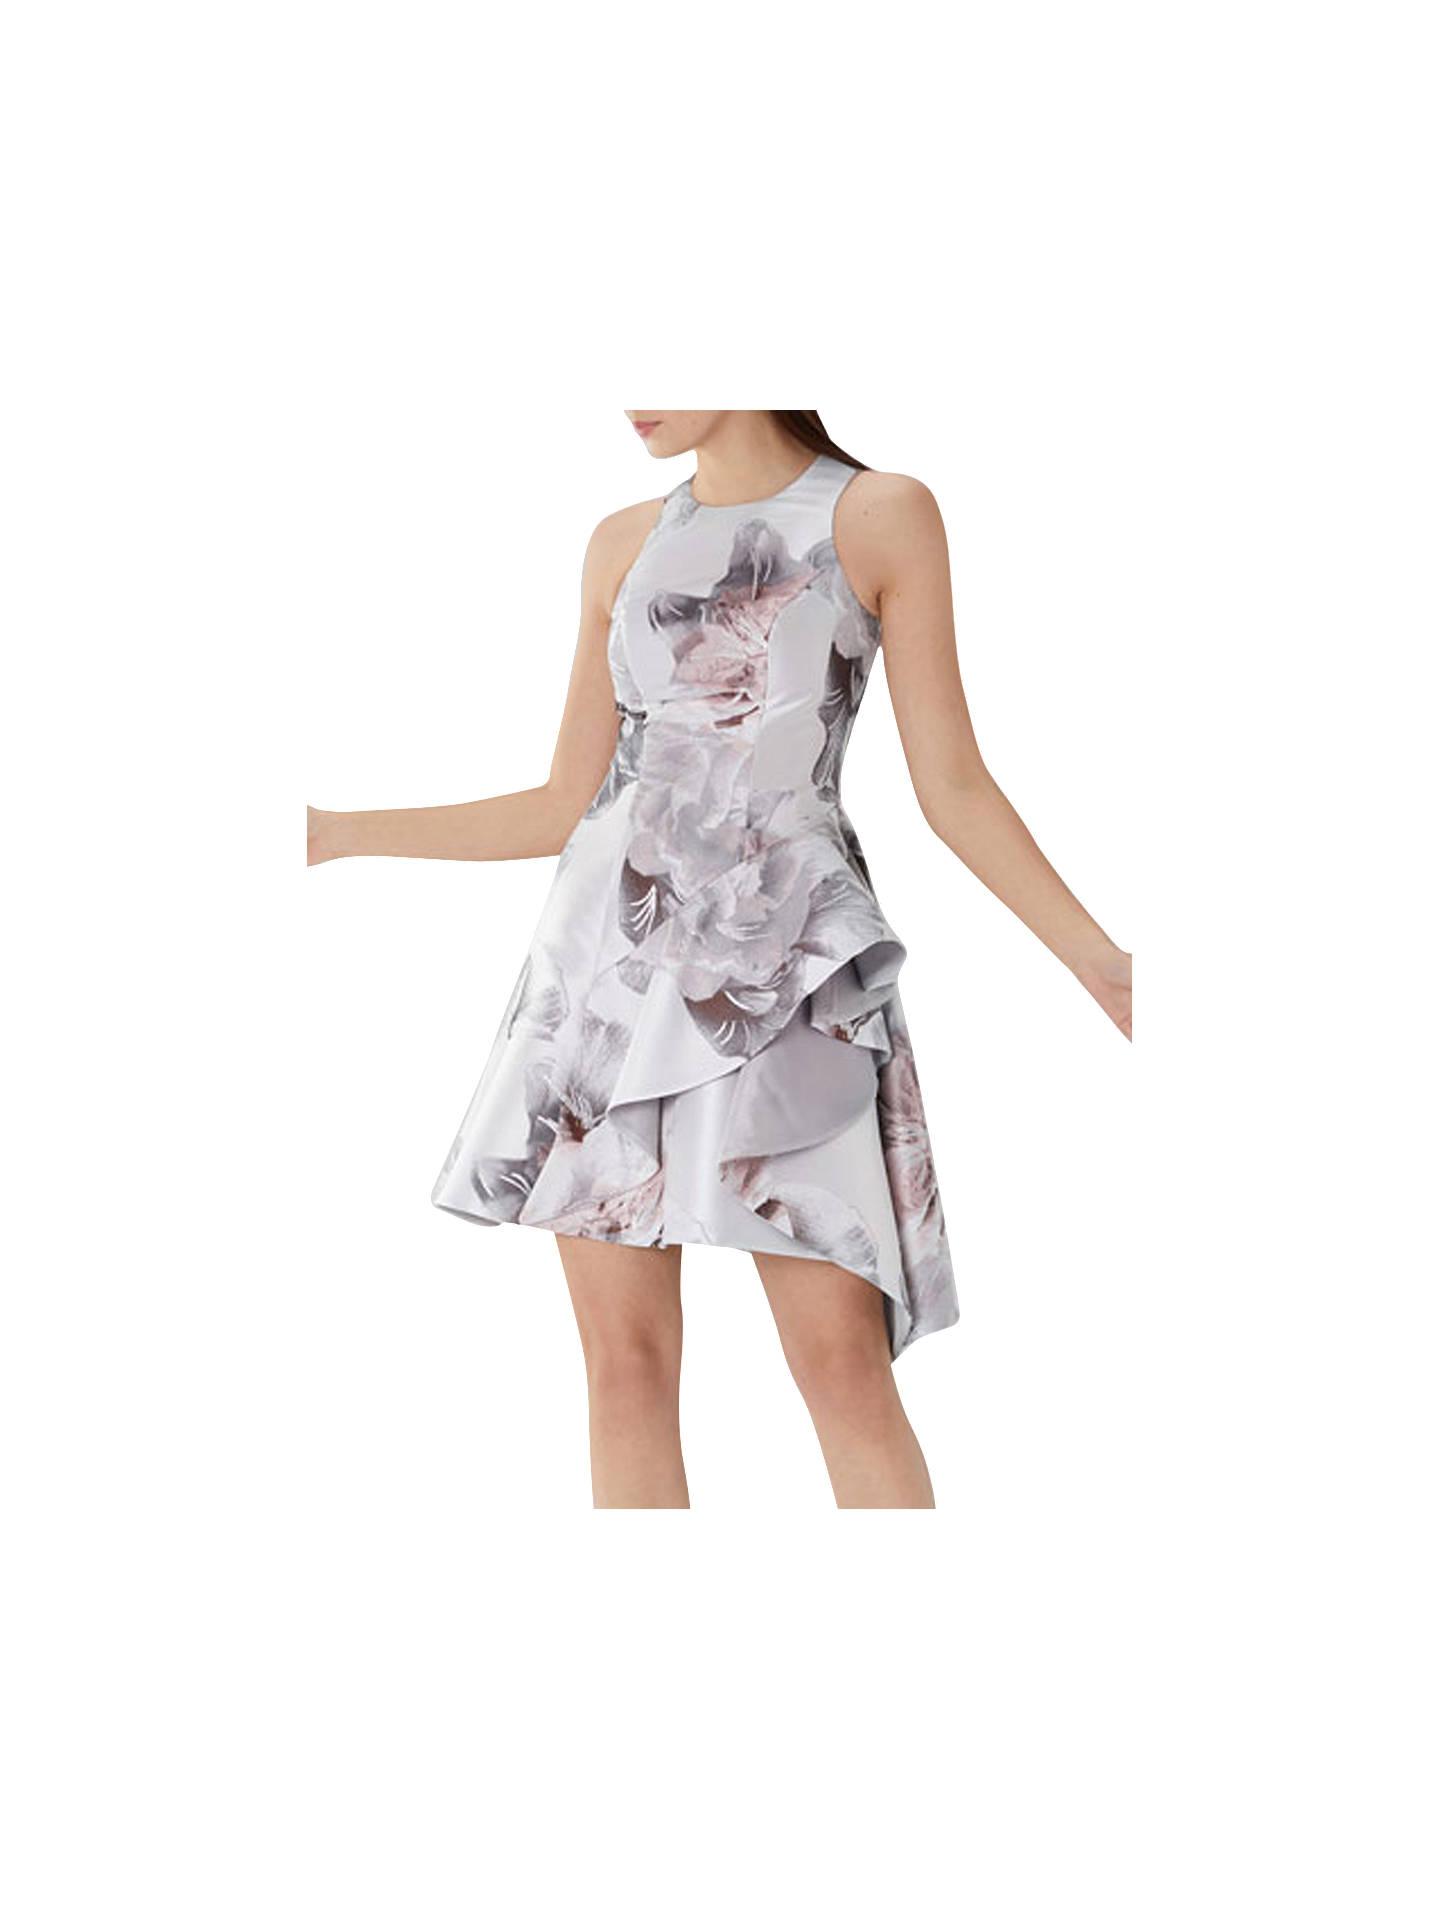 02f28908d2 BuyCoast Tara Jacquard Dress